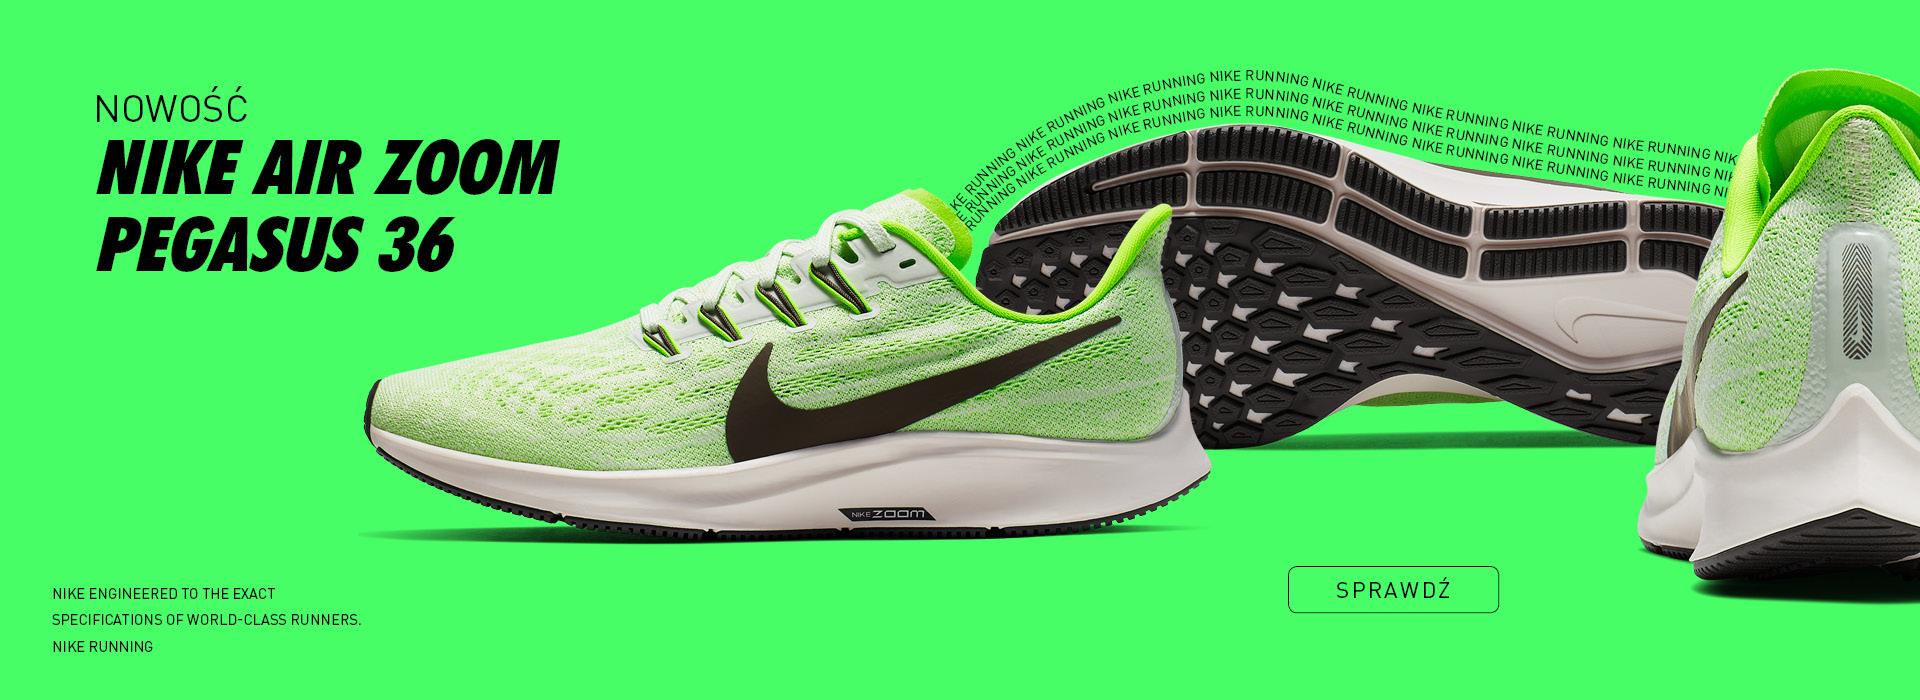 4c3fd19c93390 Oryginalne buty i odzież sportowa Nike, Reebok, adidas – sklep ...